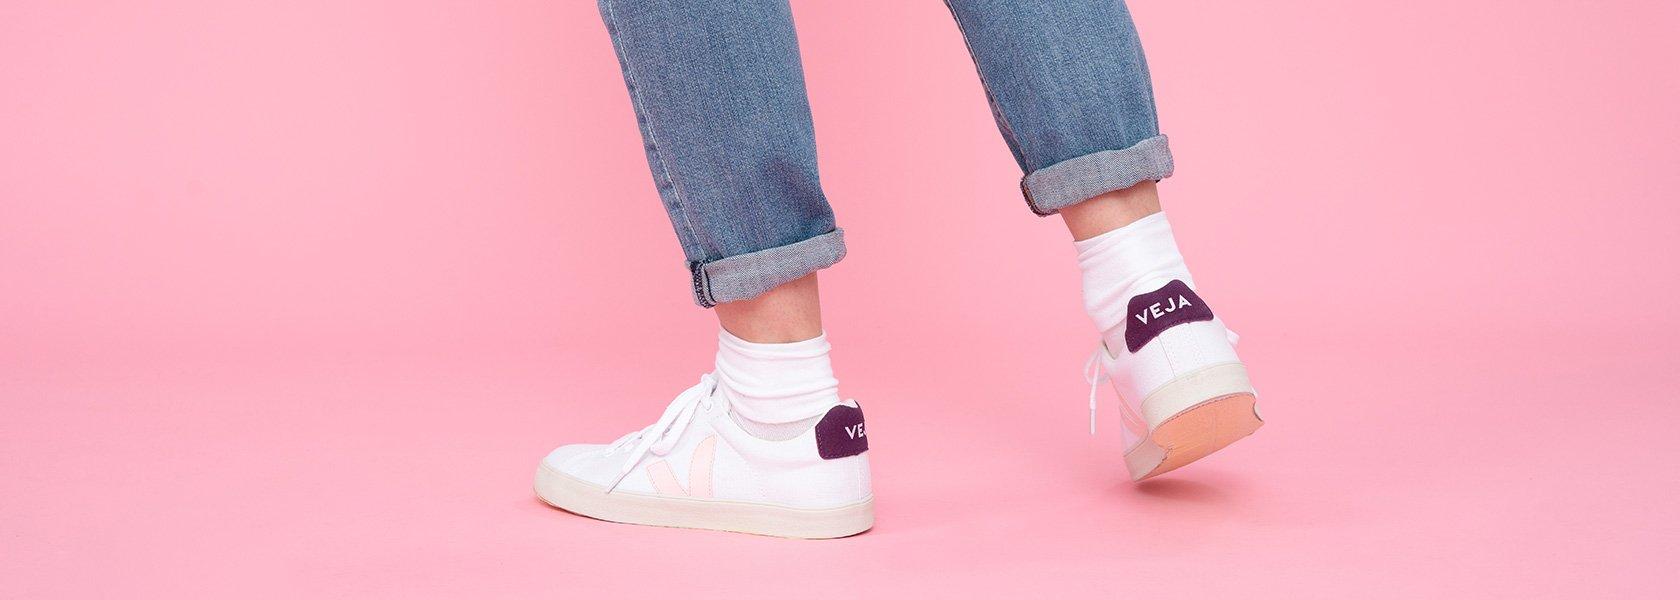 Frau mit weißen Sneakern steht auf rosa Untergrund